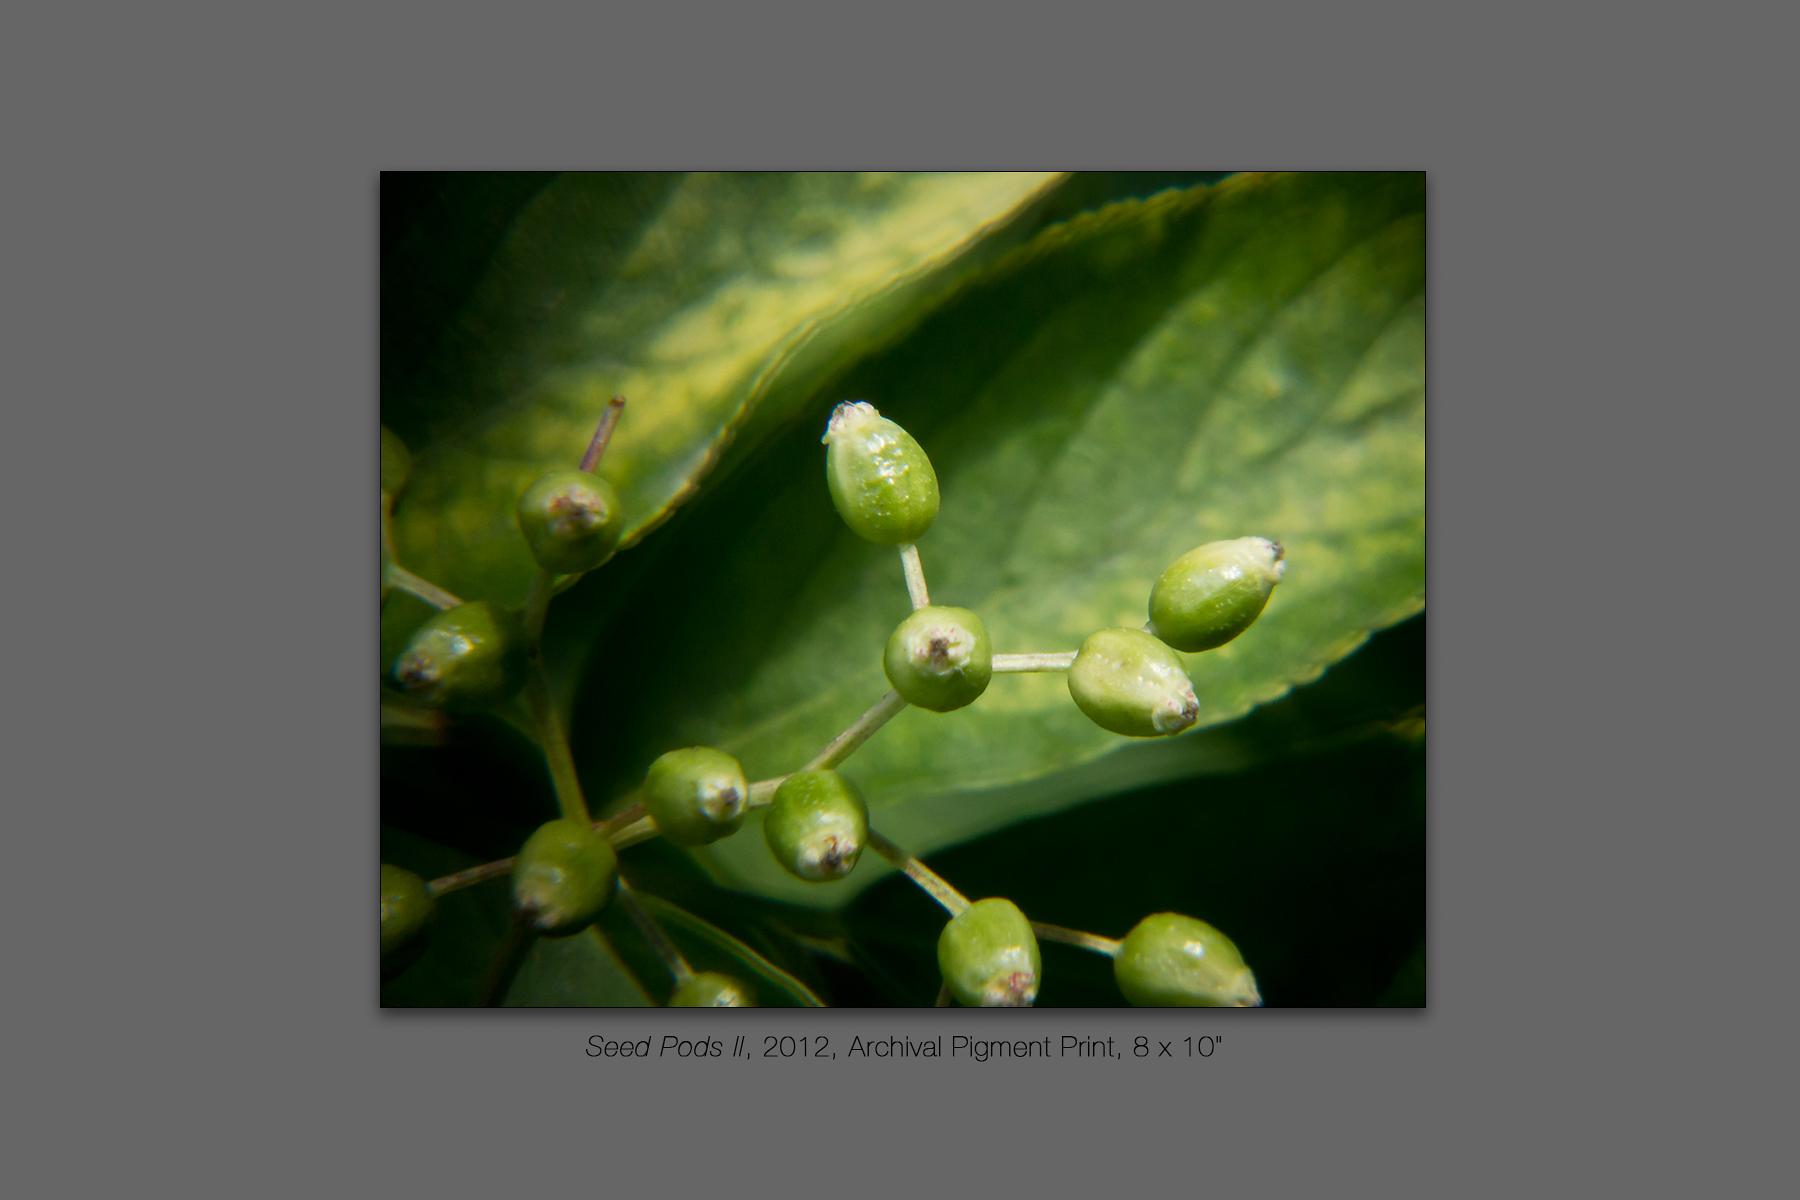 Seed Pods II, 2012